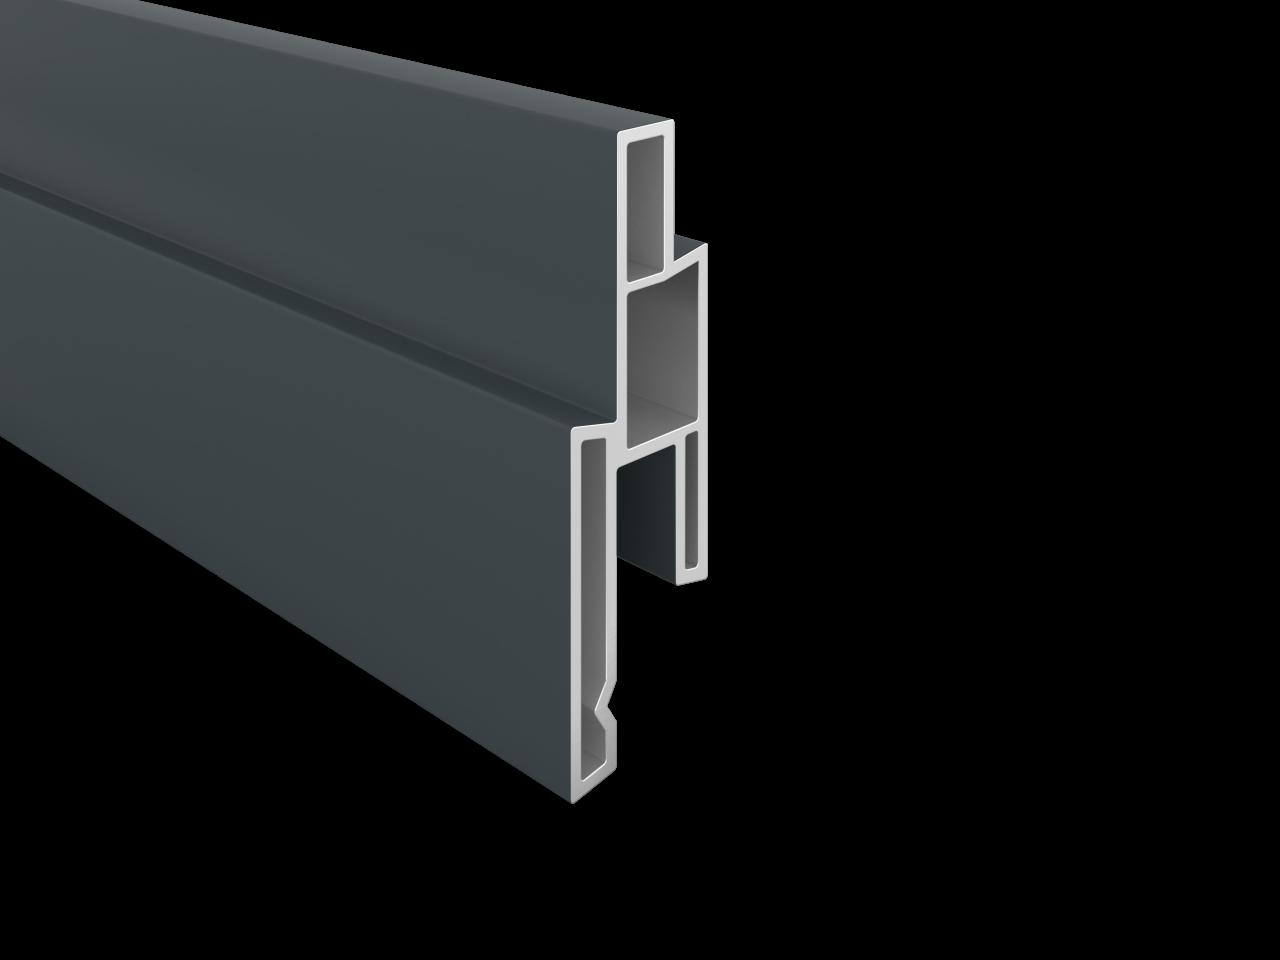 BALTIC-Serie KS-Dekorleiste 14 x 25 x 1760 mm, ANTHRAZIT